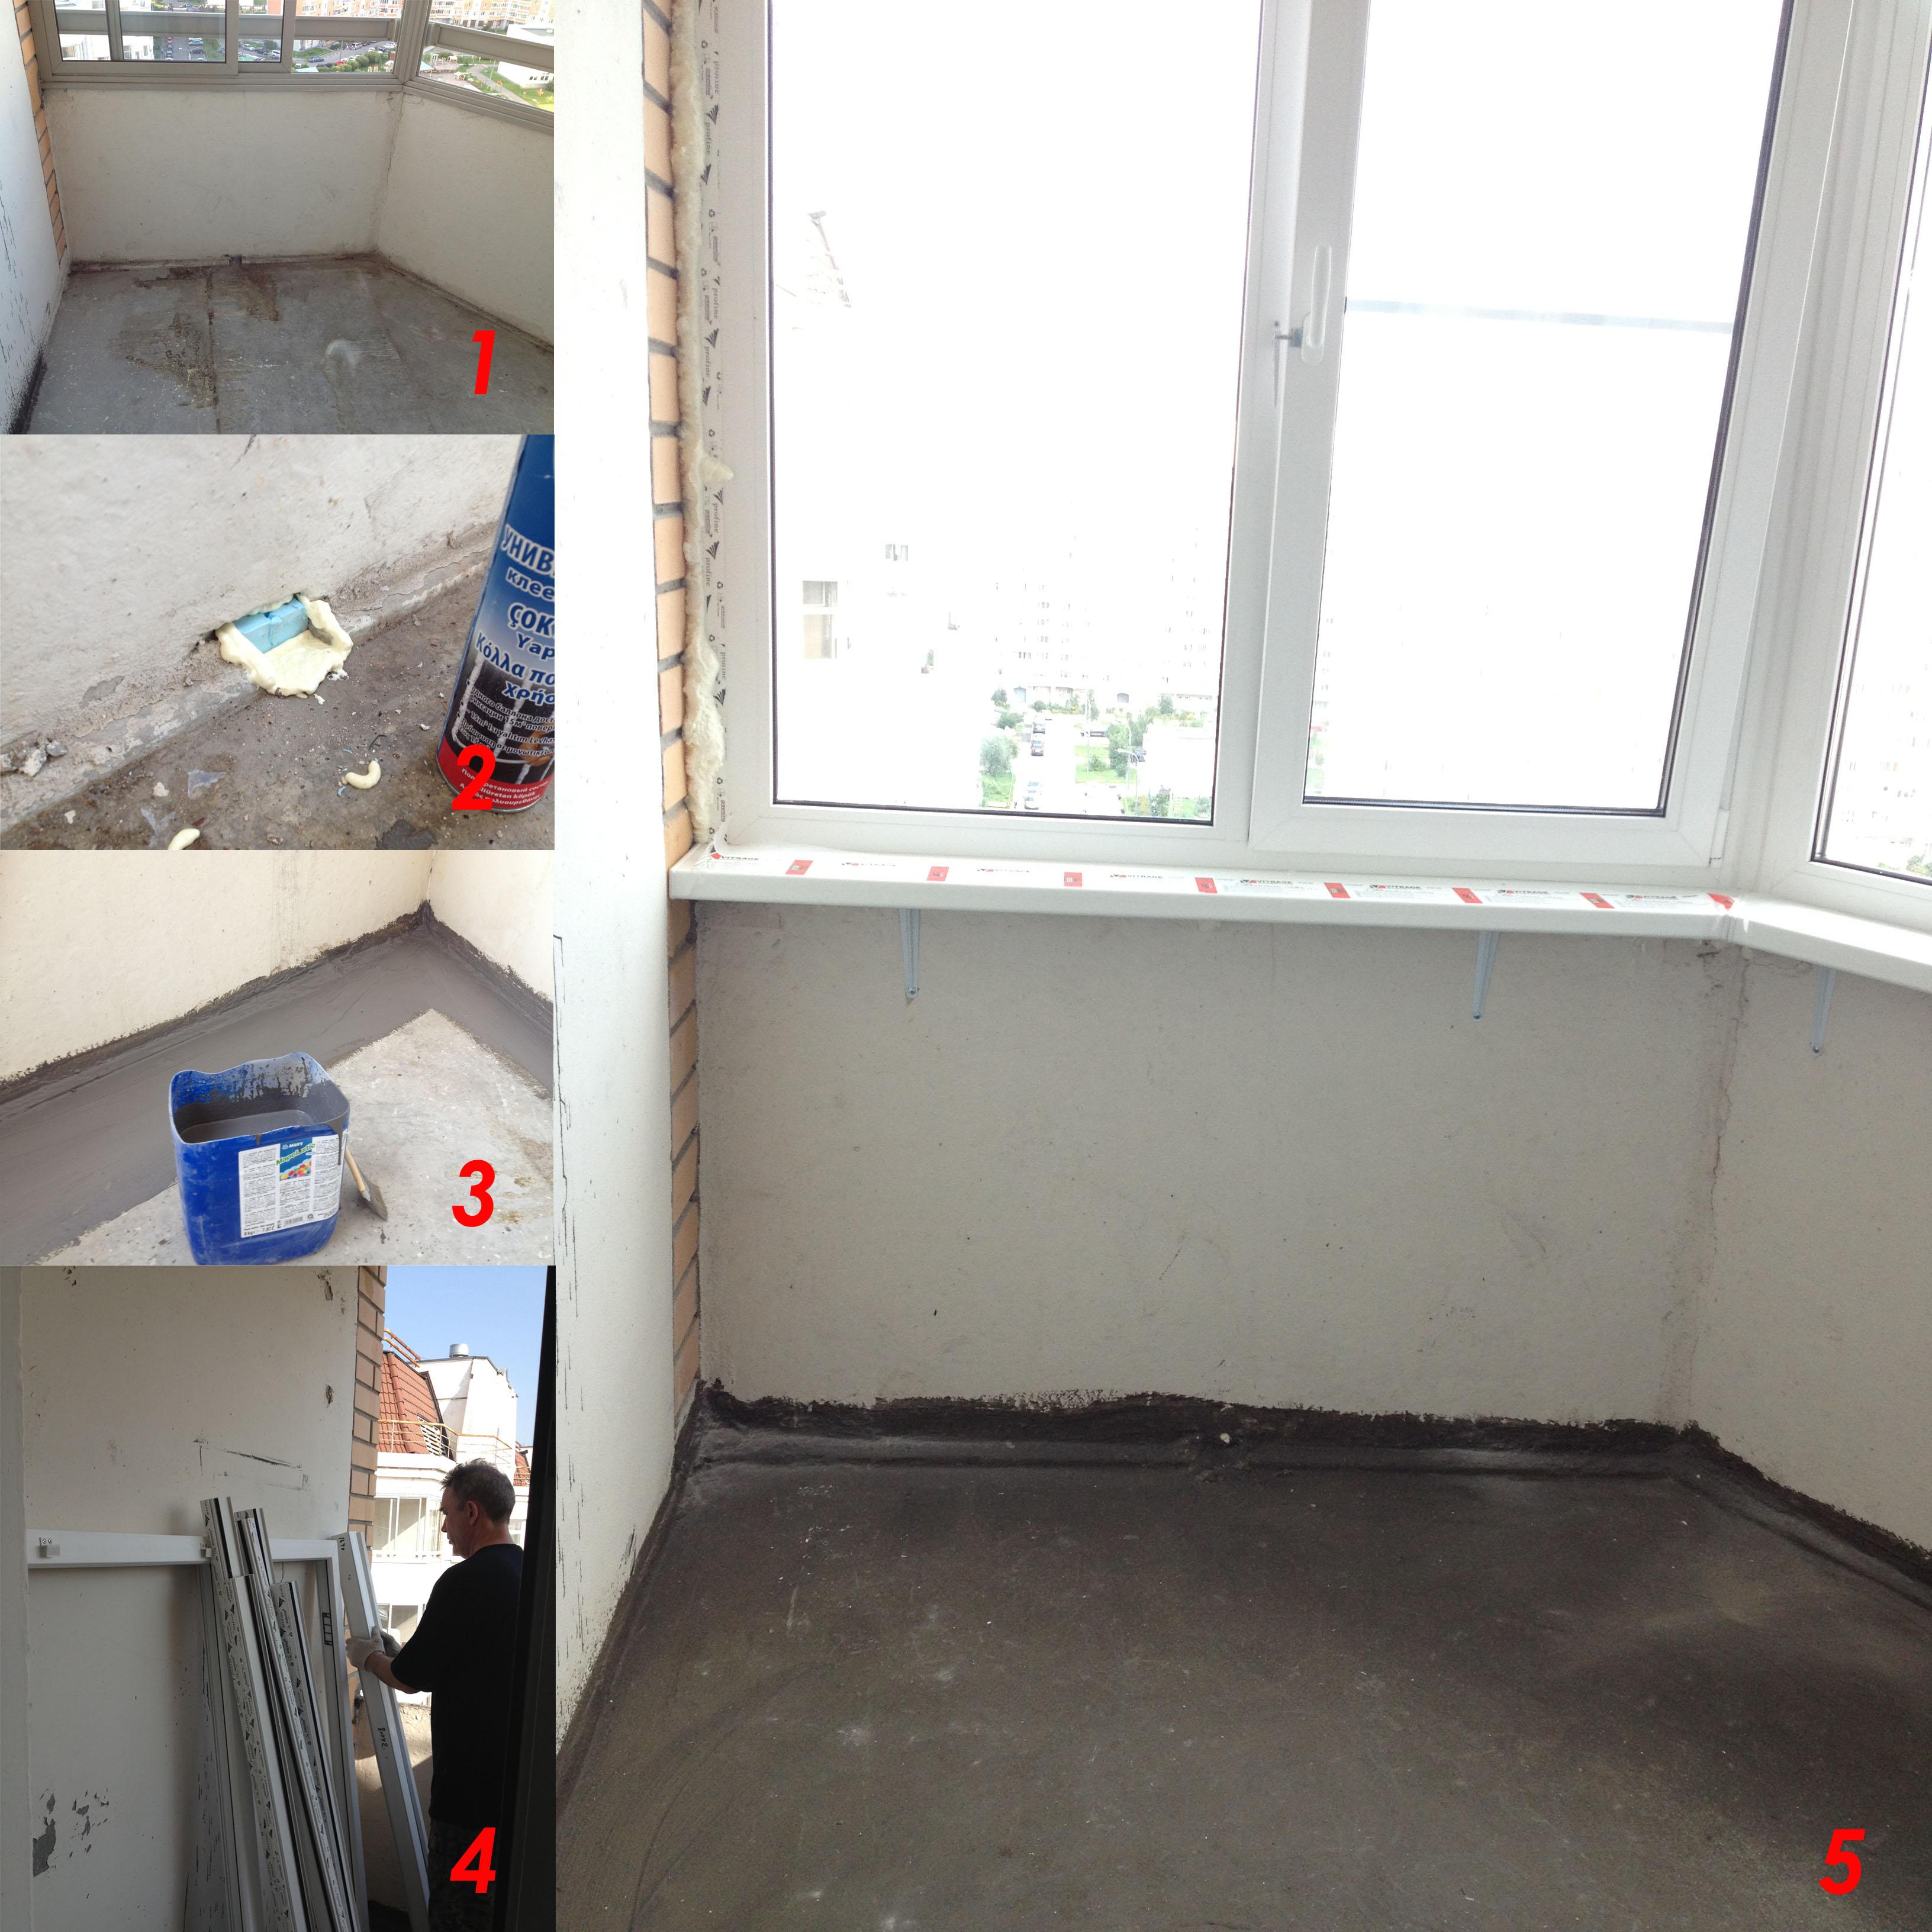 Как утеплить стеклянный балкон(лоджию) в новостройке, чтобы там было тепло зимой?